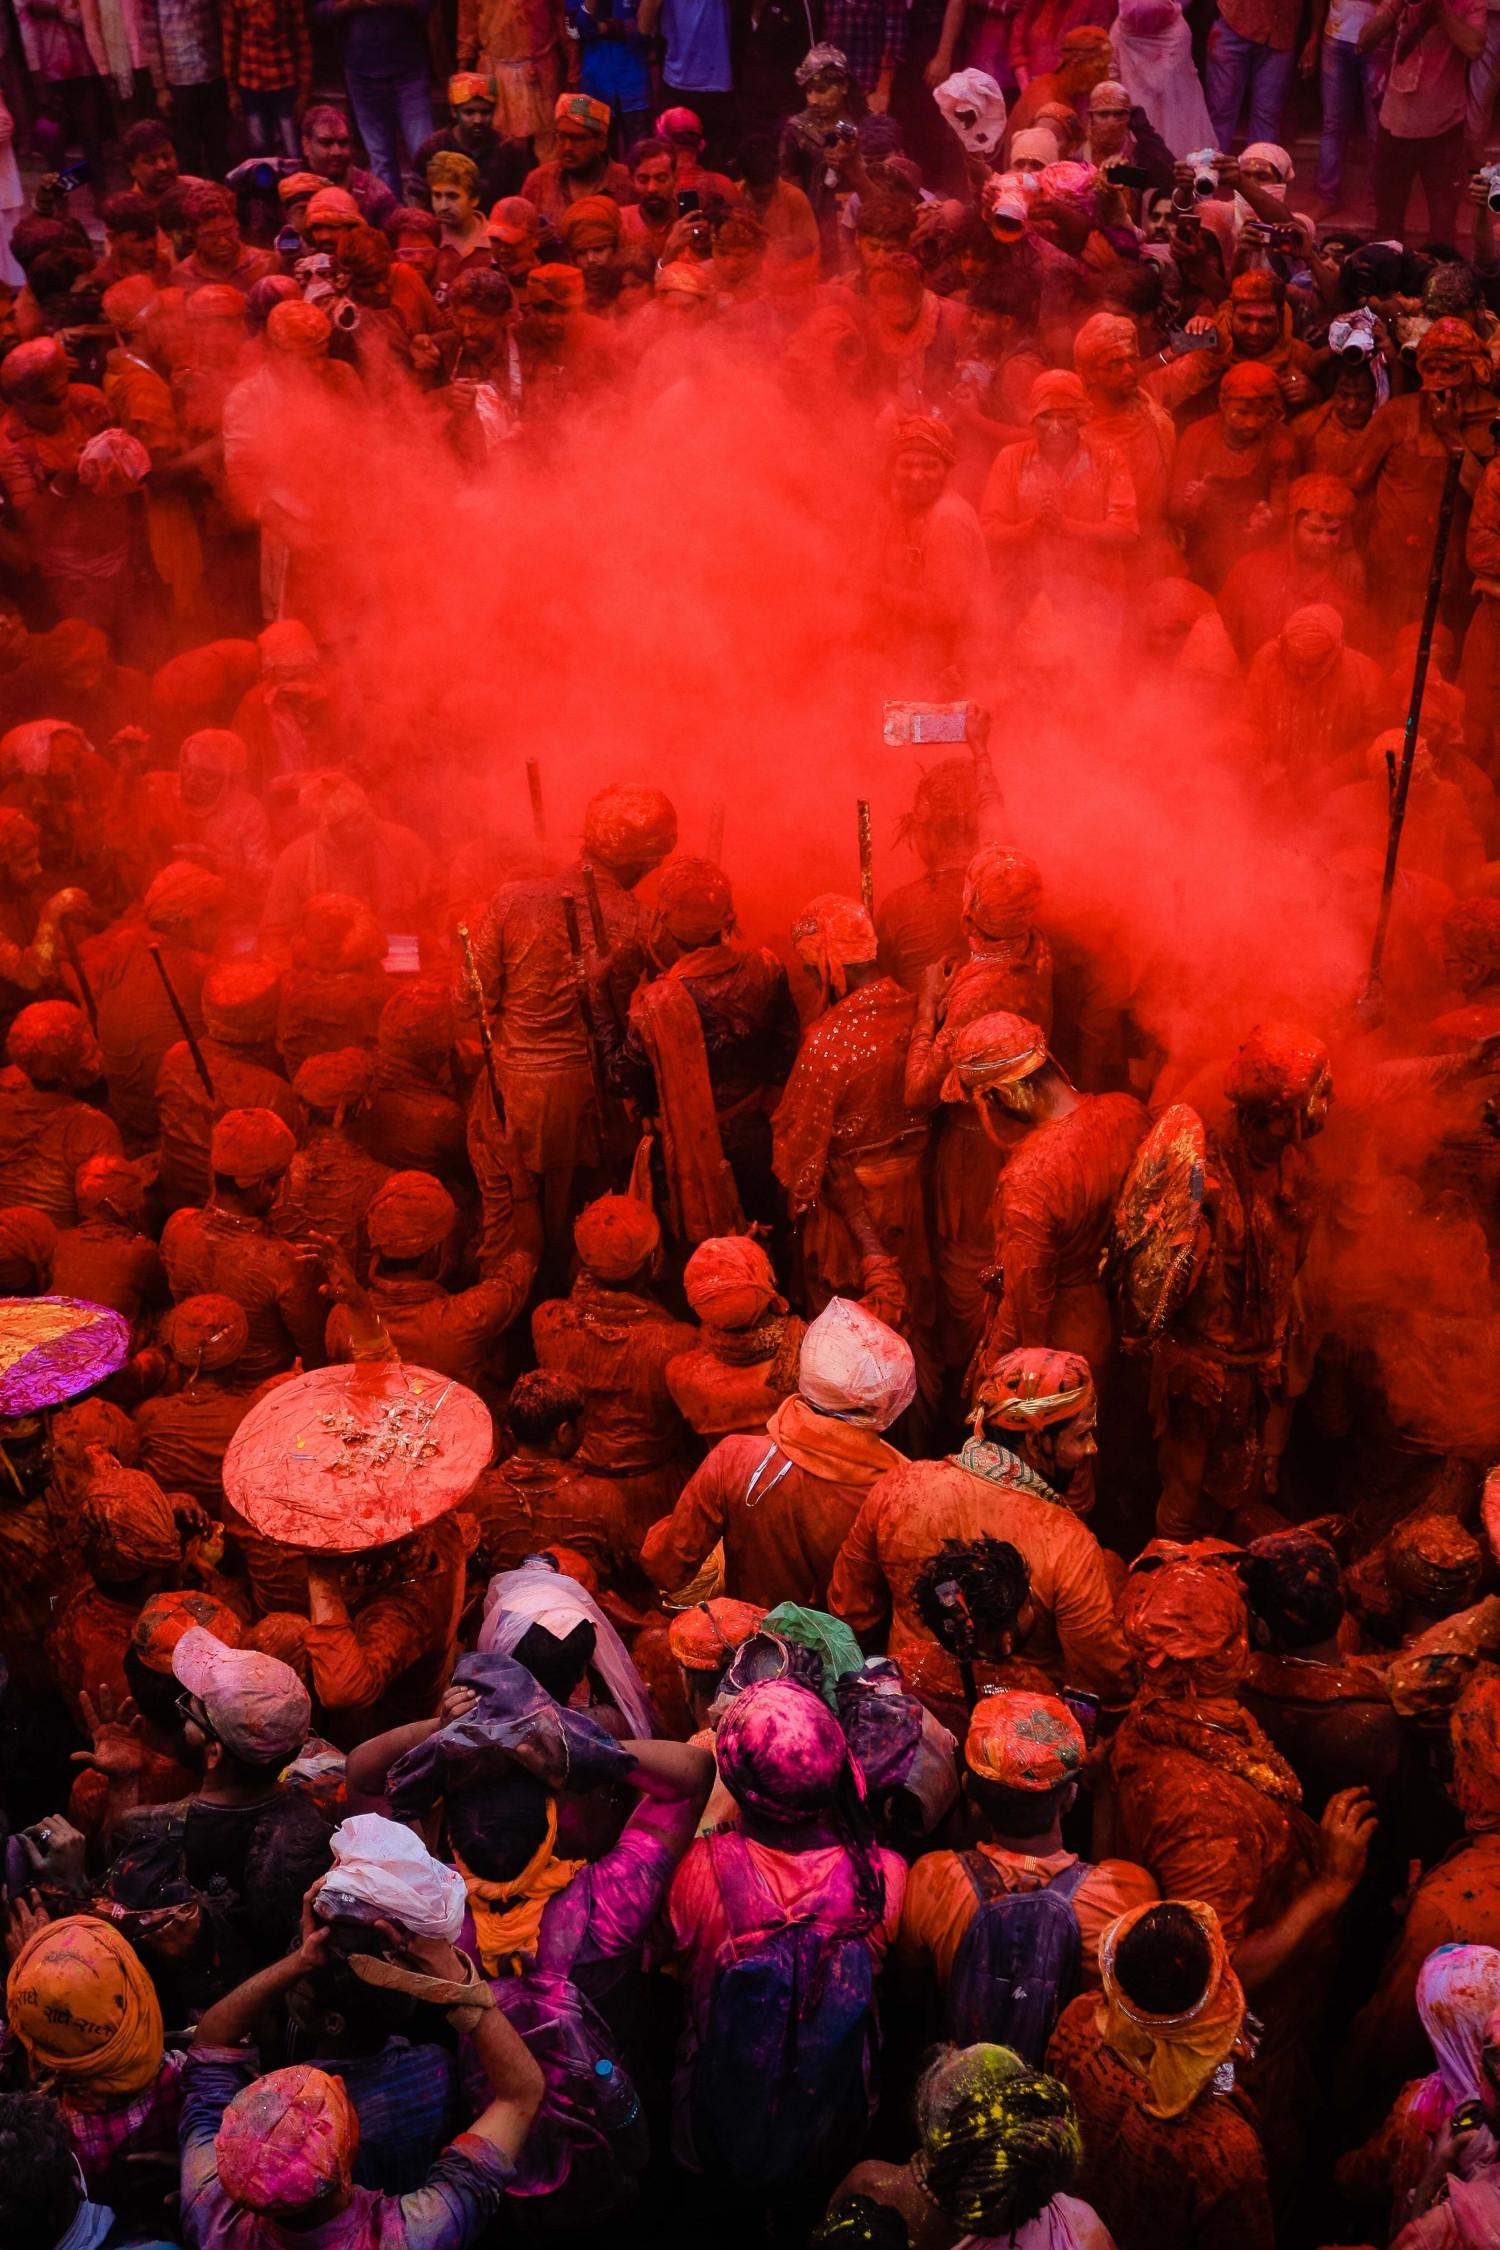 Khám phá Nepal qua những lễ hội truyền thống đầy màu sắc - 10